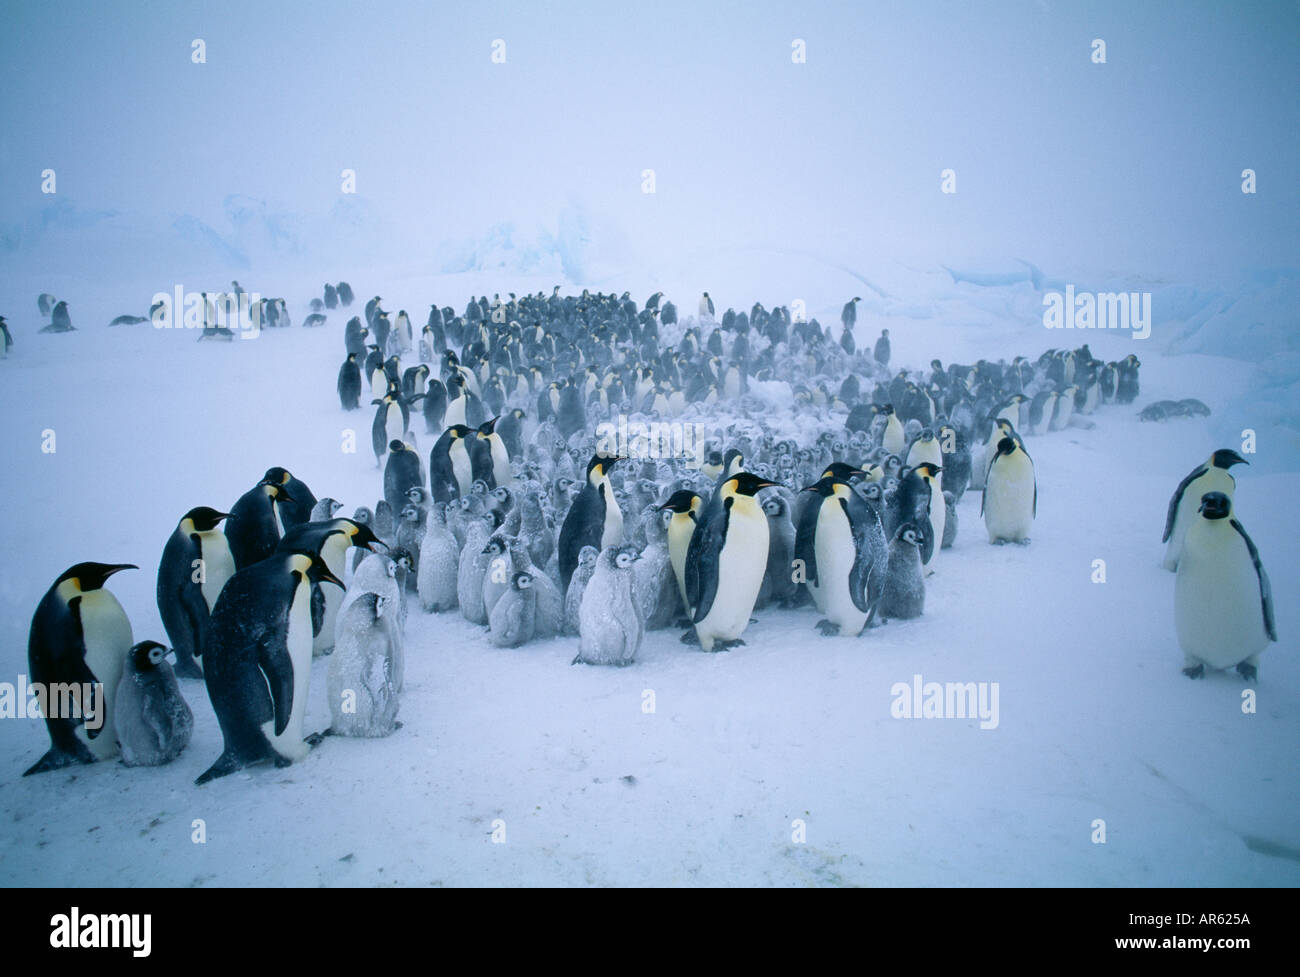 El pingüino emperador aptenodytes forsteri grupo reunido durante la tormenta del mar de Weddell en la Antártida Imagen De Stock